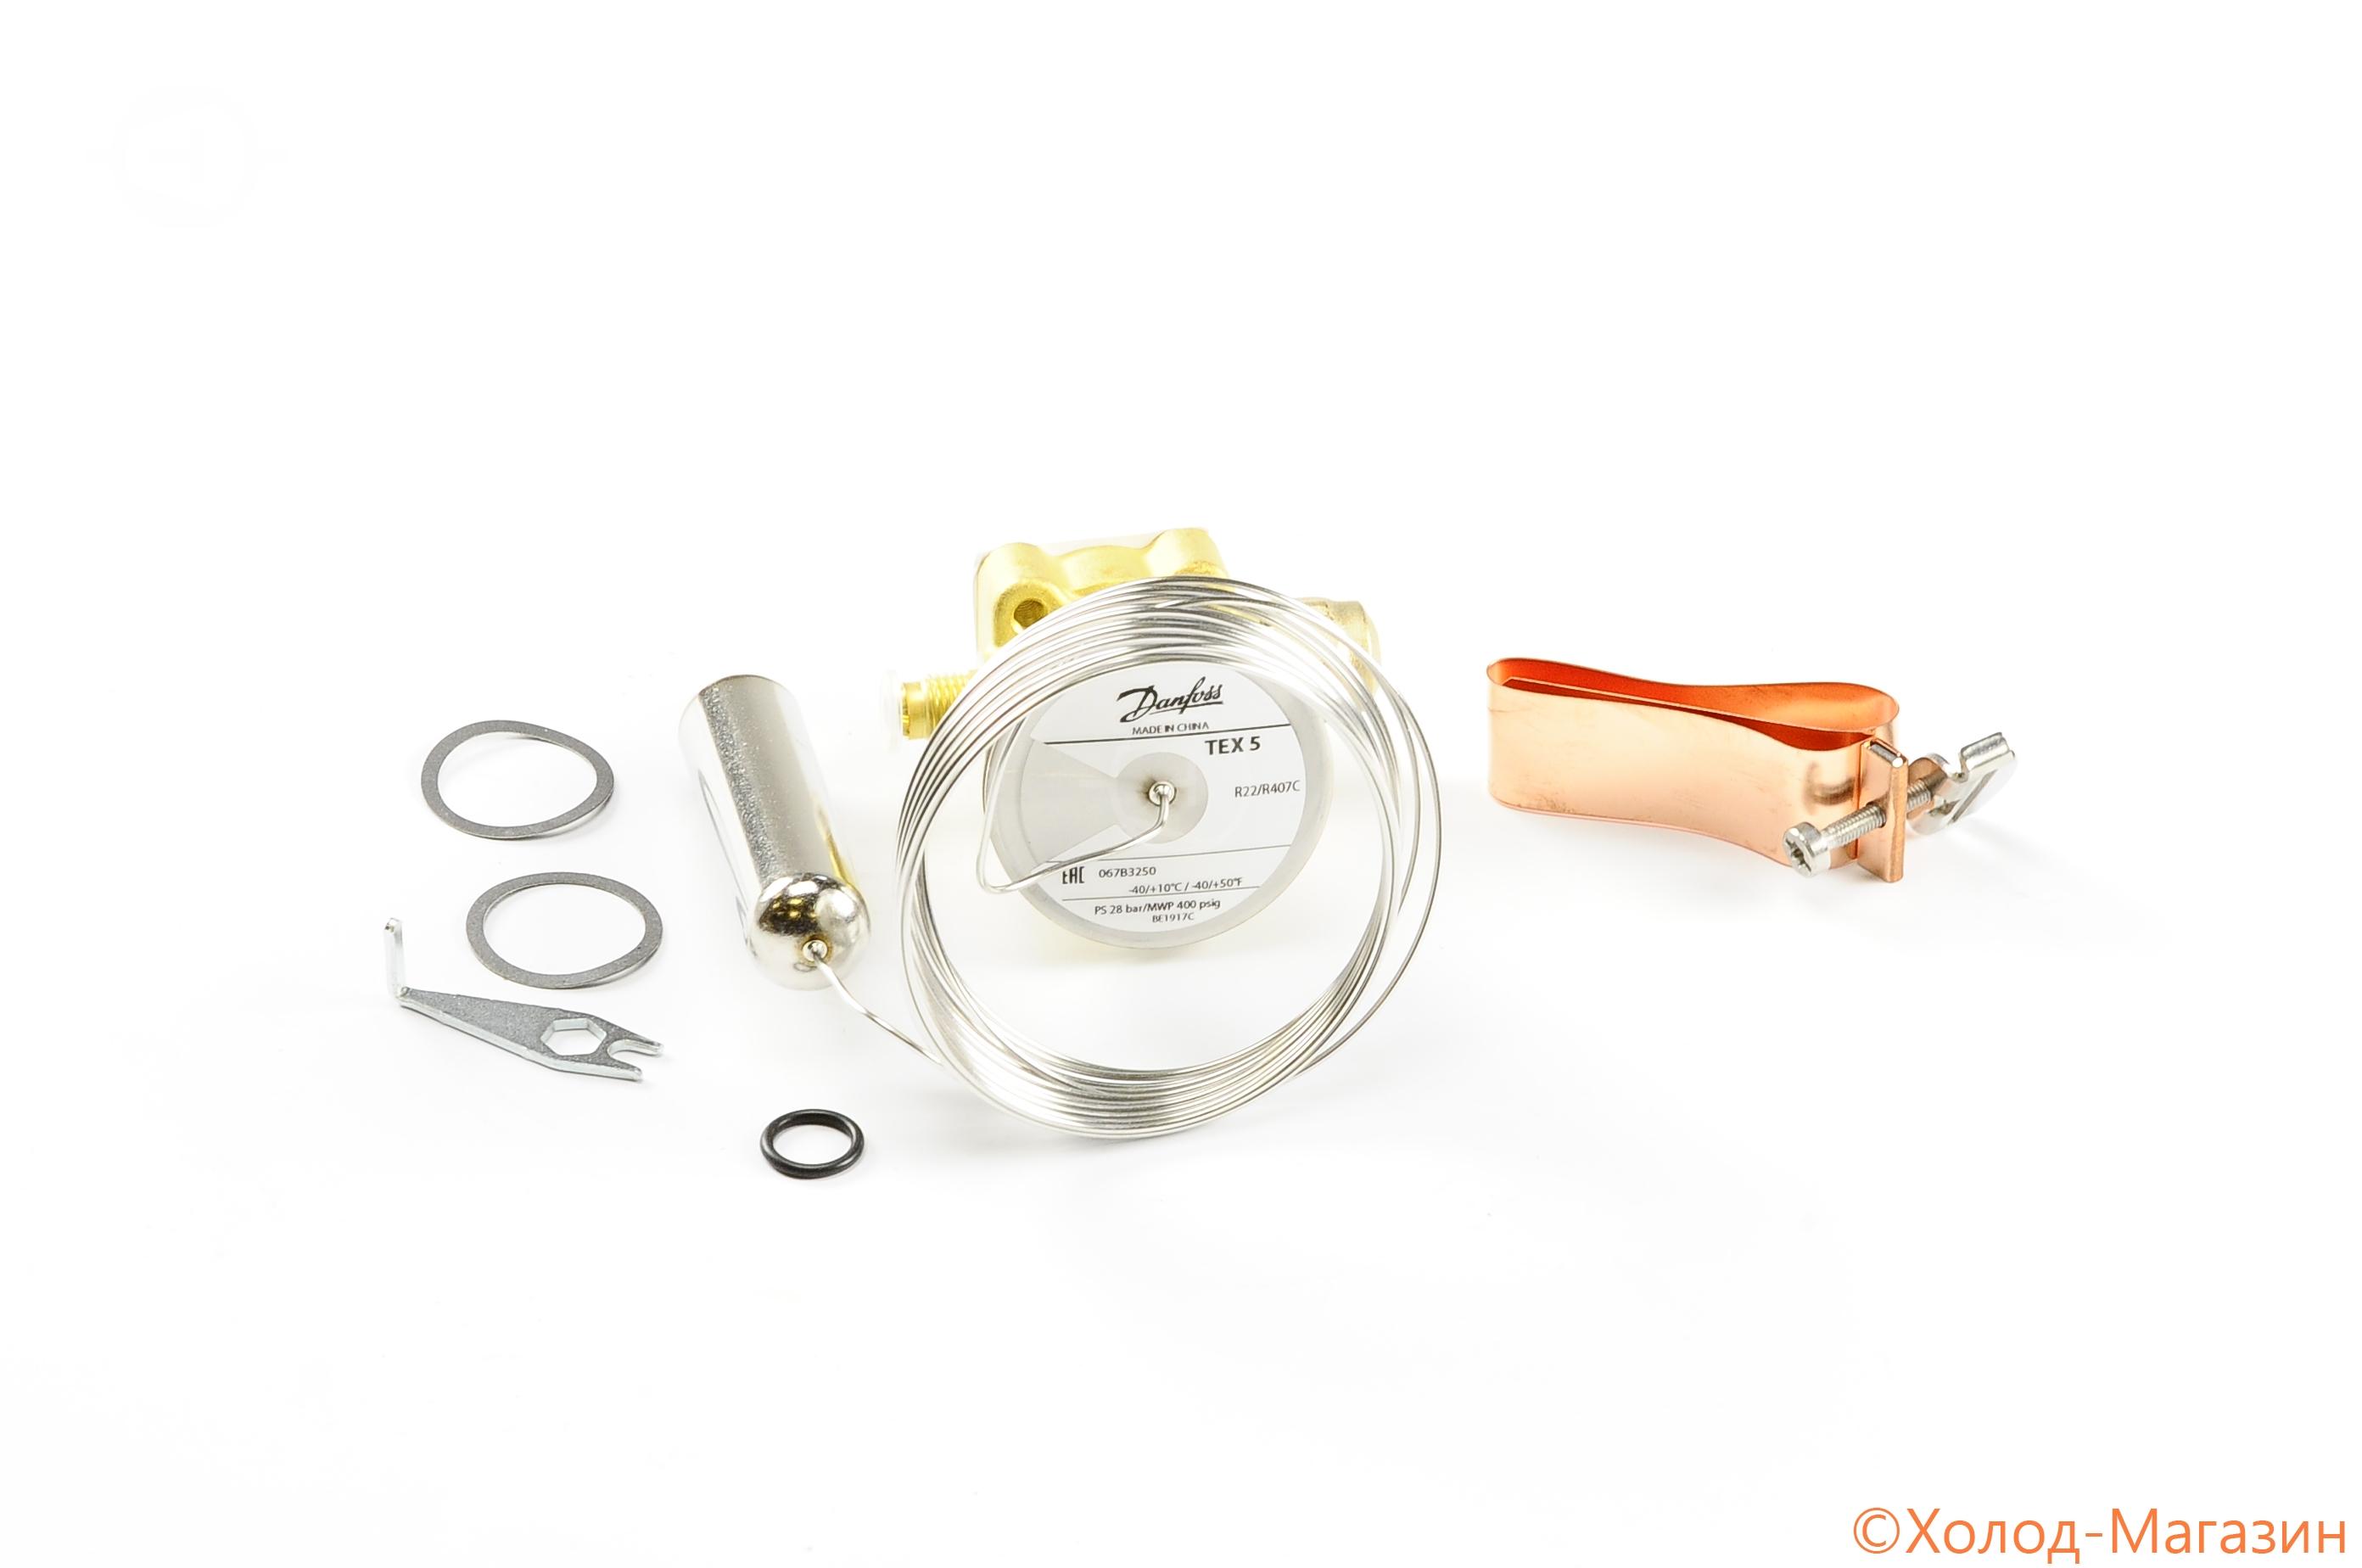 Термоэлемент TEX5 (-40..+10 C, без MOP), Danfoss